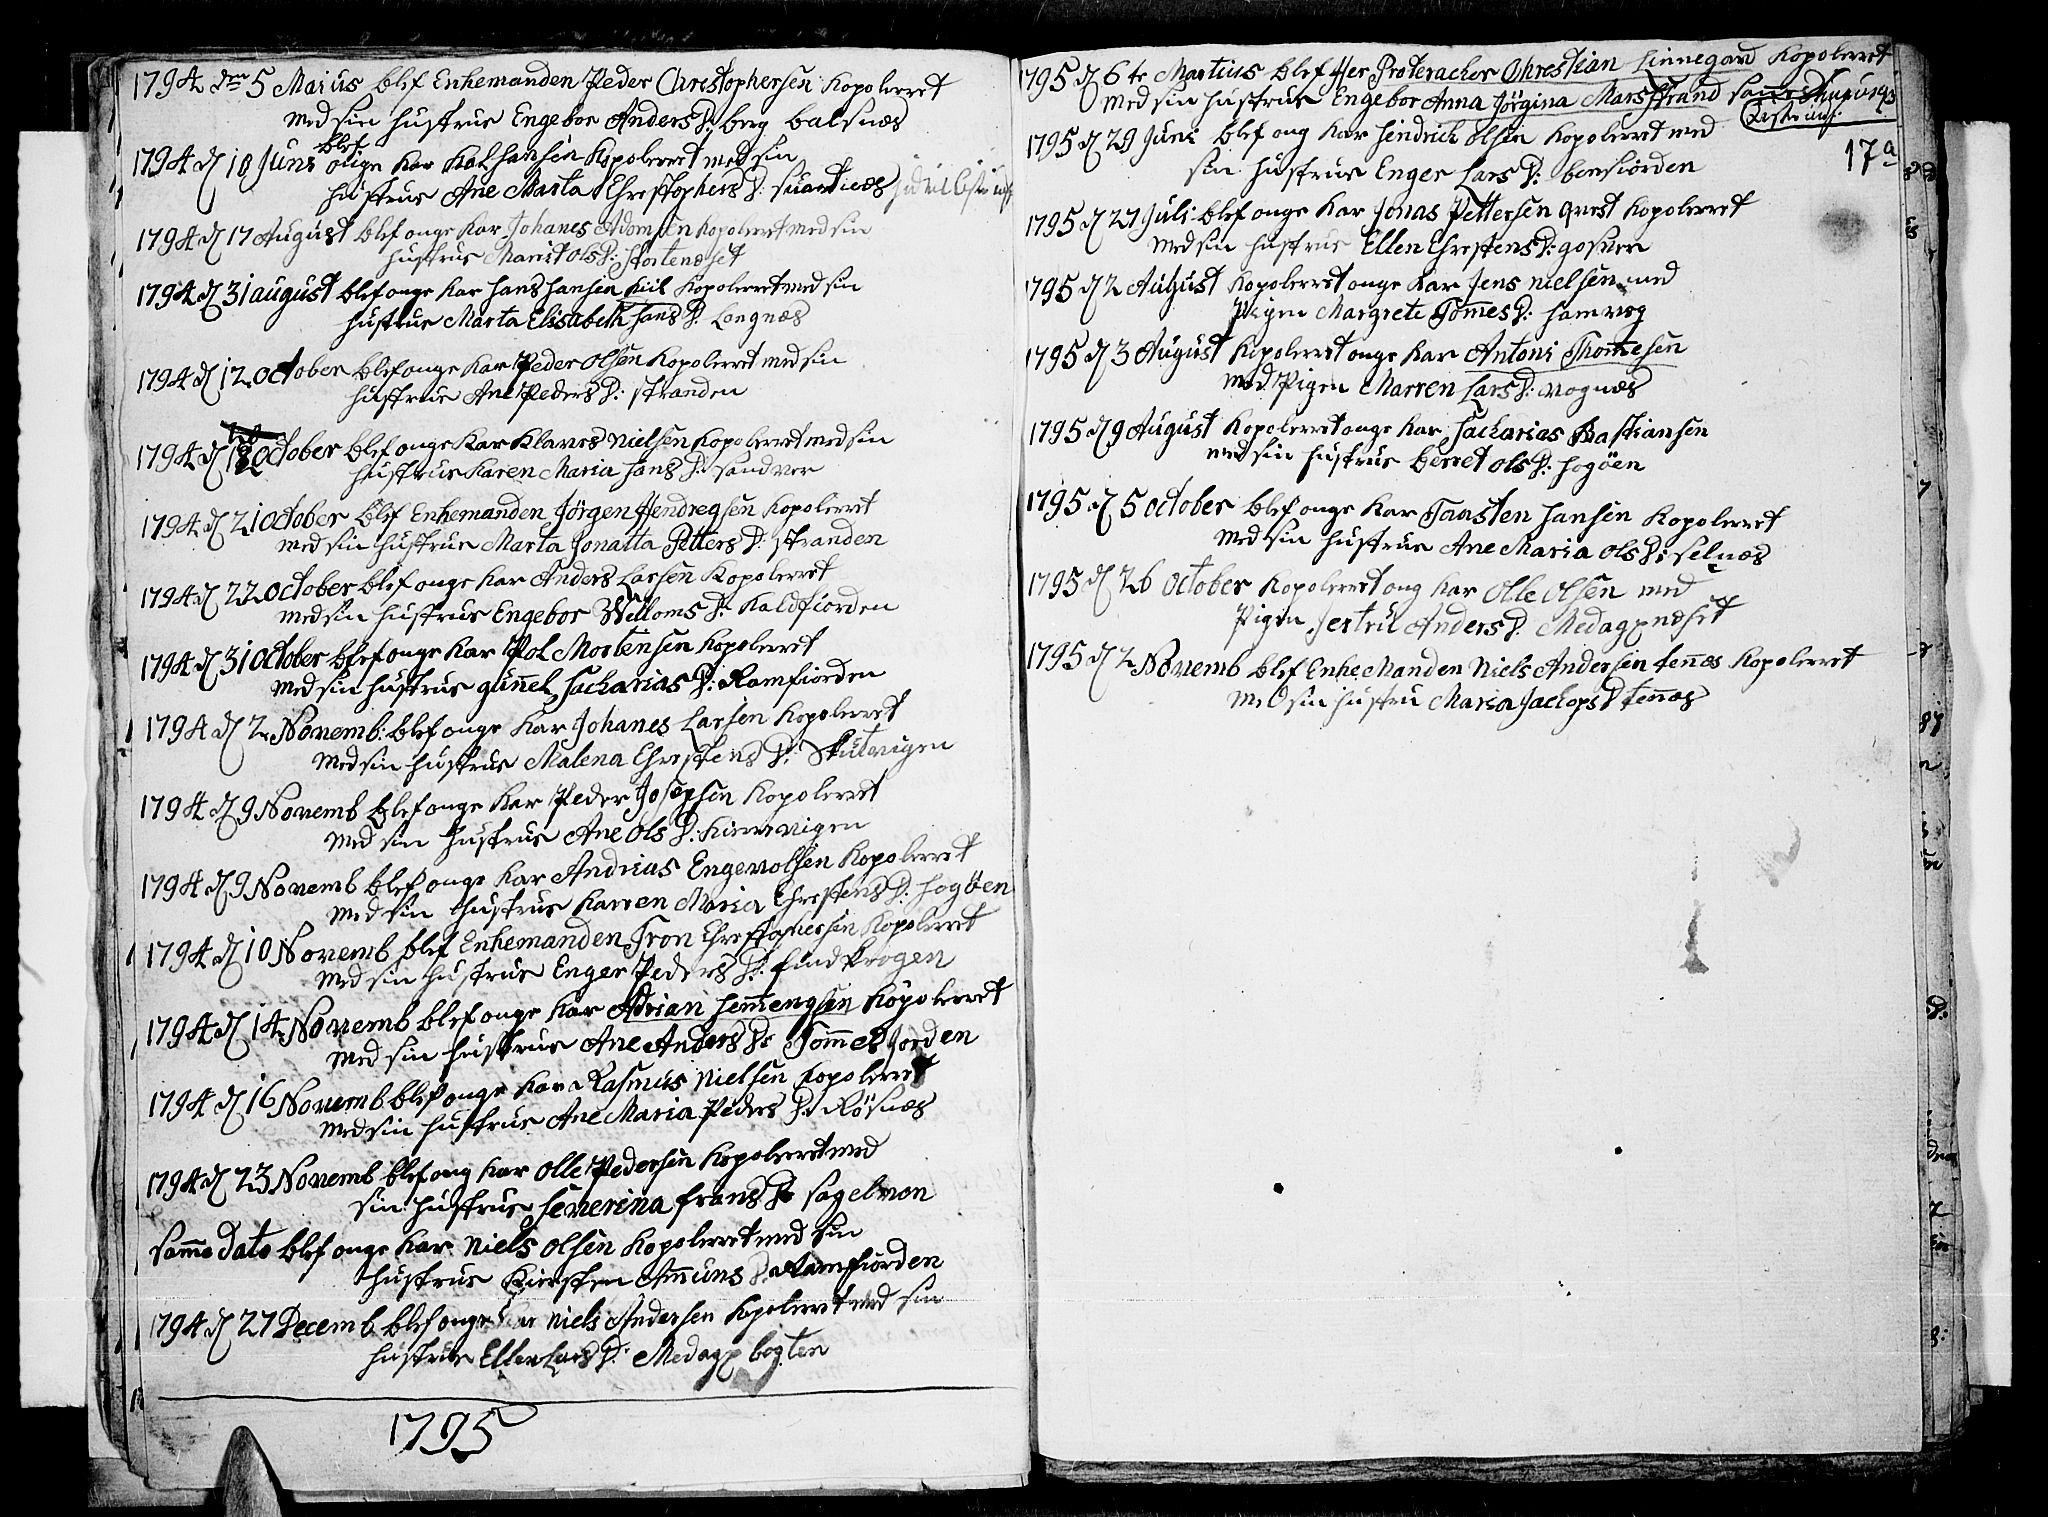 SATØ, Tromsø sokneprestkontor/stiftsprosti/domprosti, G/Ga/L0004kirke: Ministerialbok nr. 4, 1787-1795, s. 17